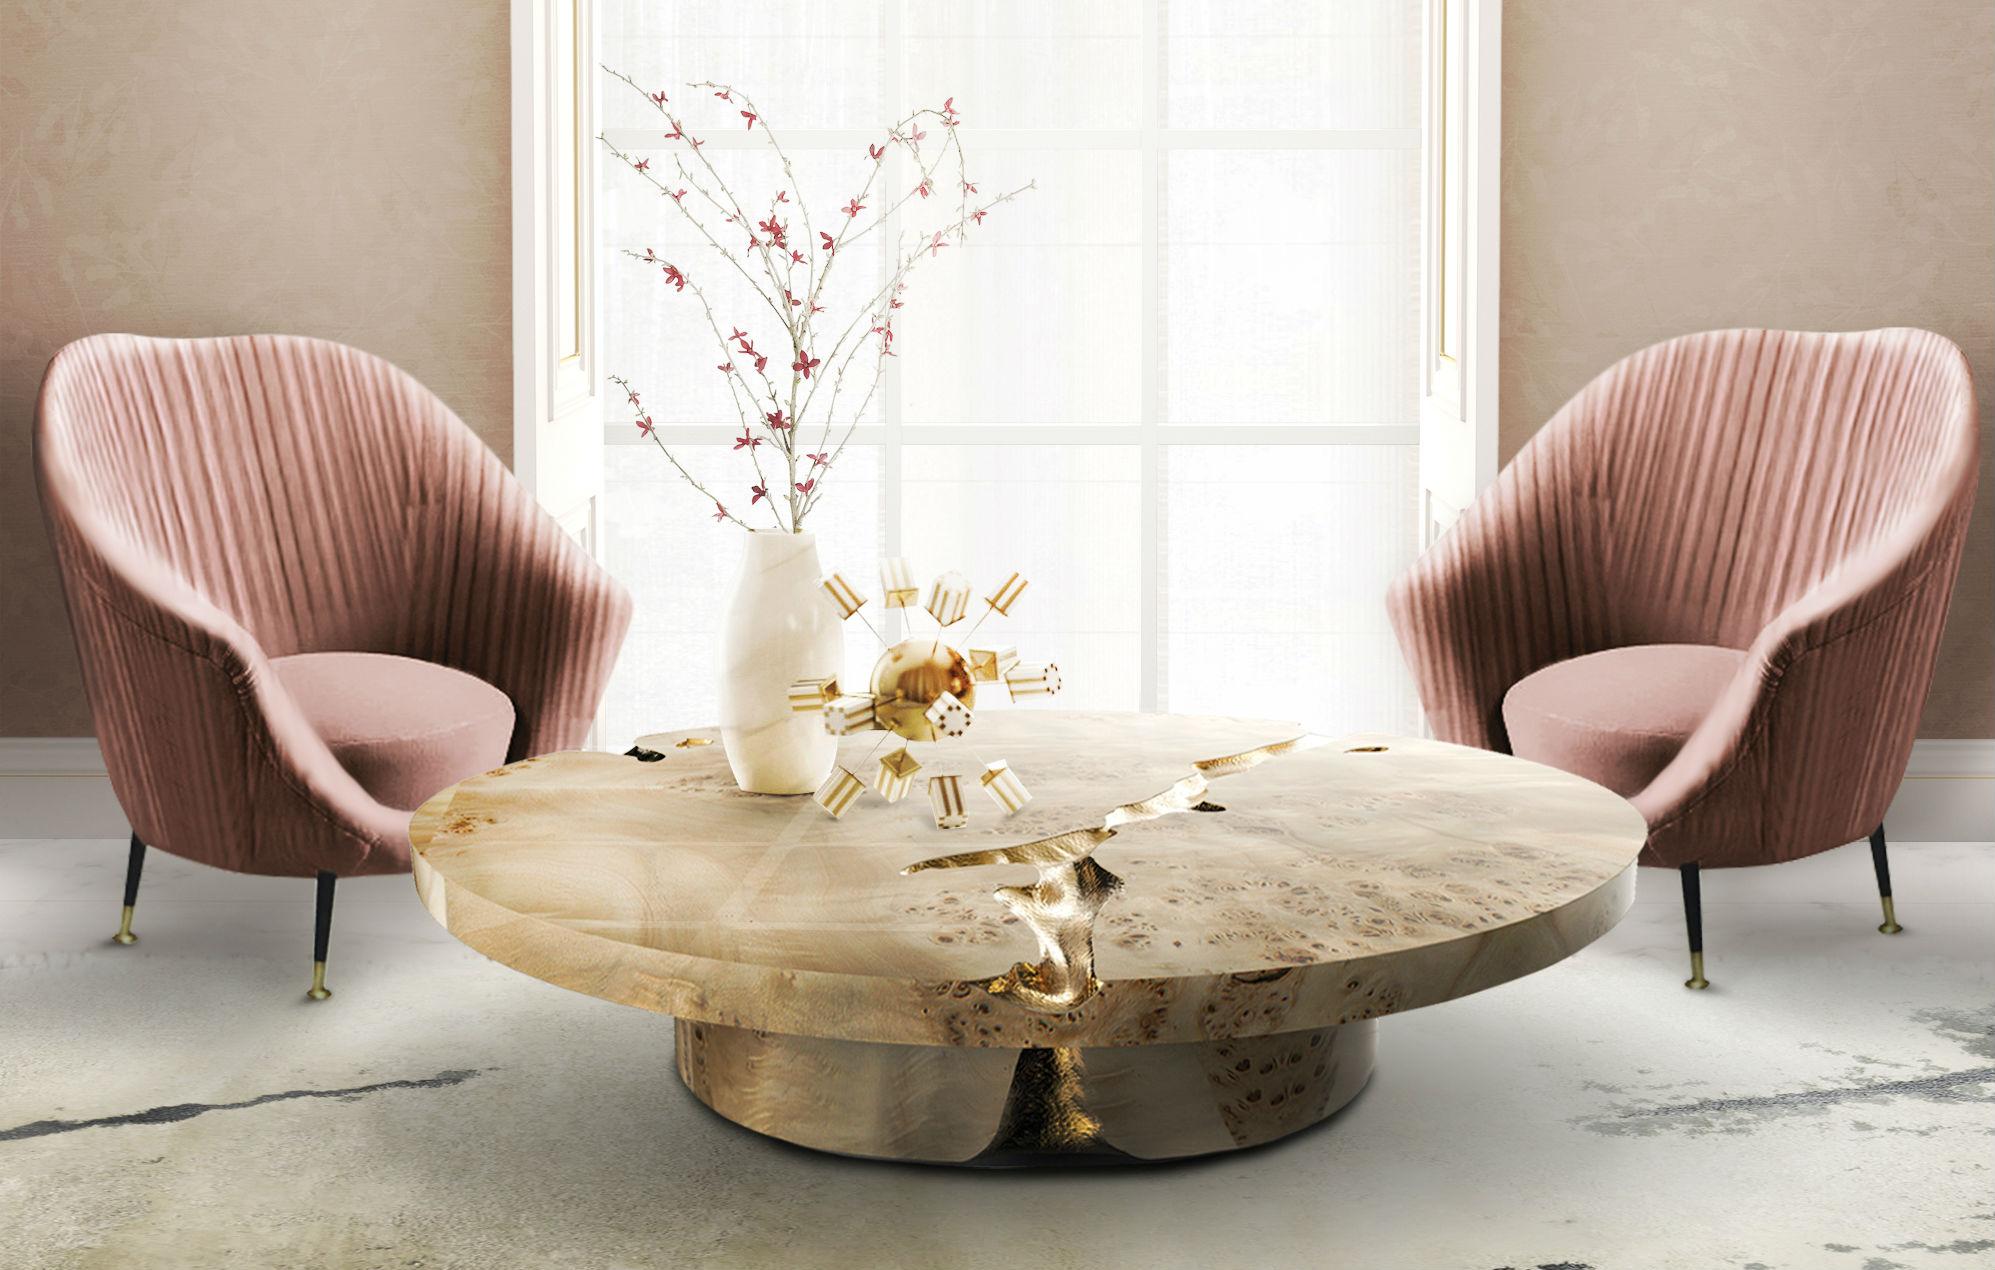 maison et objet paris 2017 Coffee and Side Tables You Cannot Miss at Maison et Objet Paris 2017 empire center table1